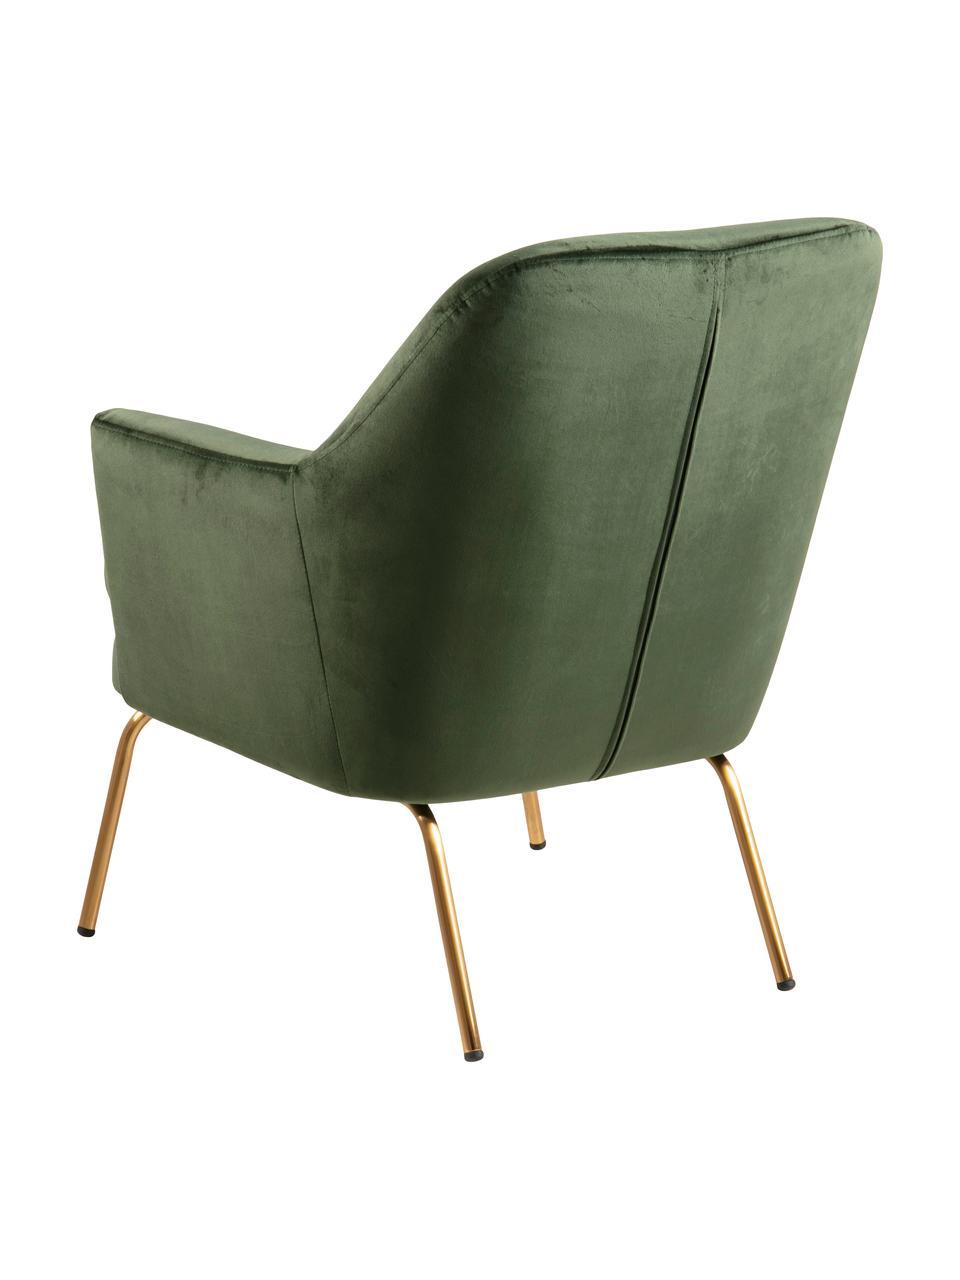 Poltrona in velluto verde Chisa, Rivestimento: poliestere Con 25.000 cic, Gambe: metallo verniciato, Velluto verde bosco, Larg. 68 x Prof. 73 cm